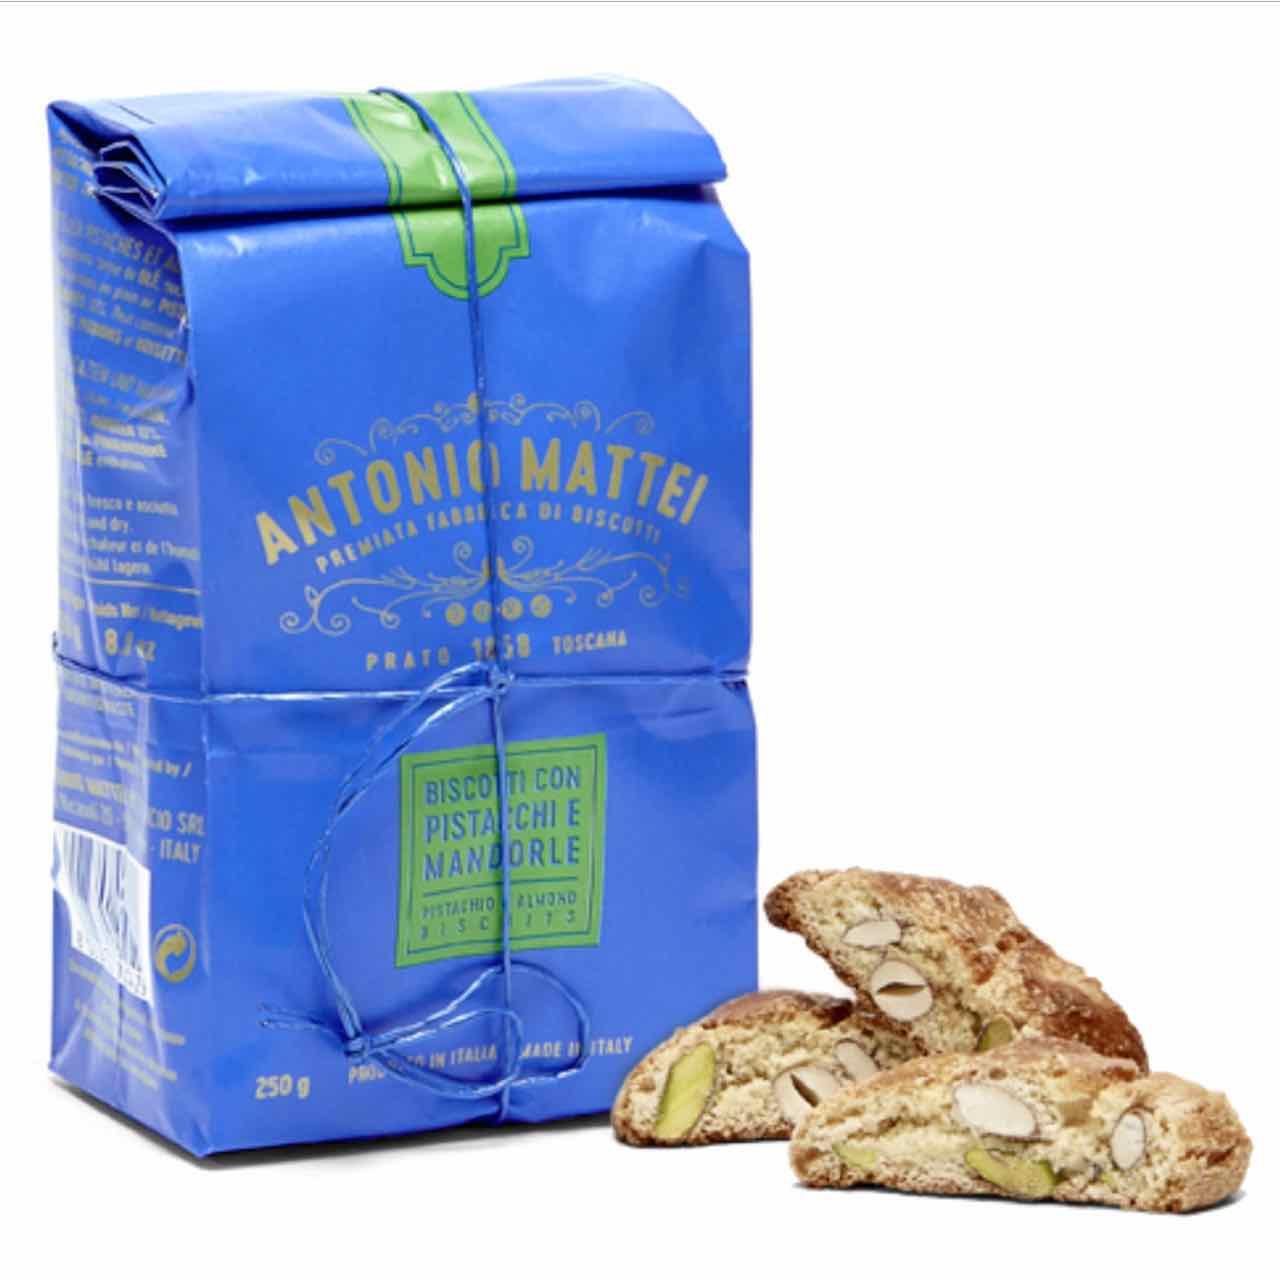 Biscotti pistacchi mandorle Antonio Mattei – Gustorotondo – spesa online –  Gustorotondo online shop – i migliori cibi online – vendita online dei migliori cibi italiani artigianali